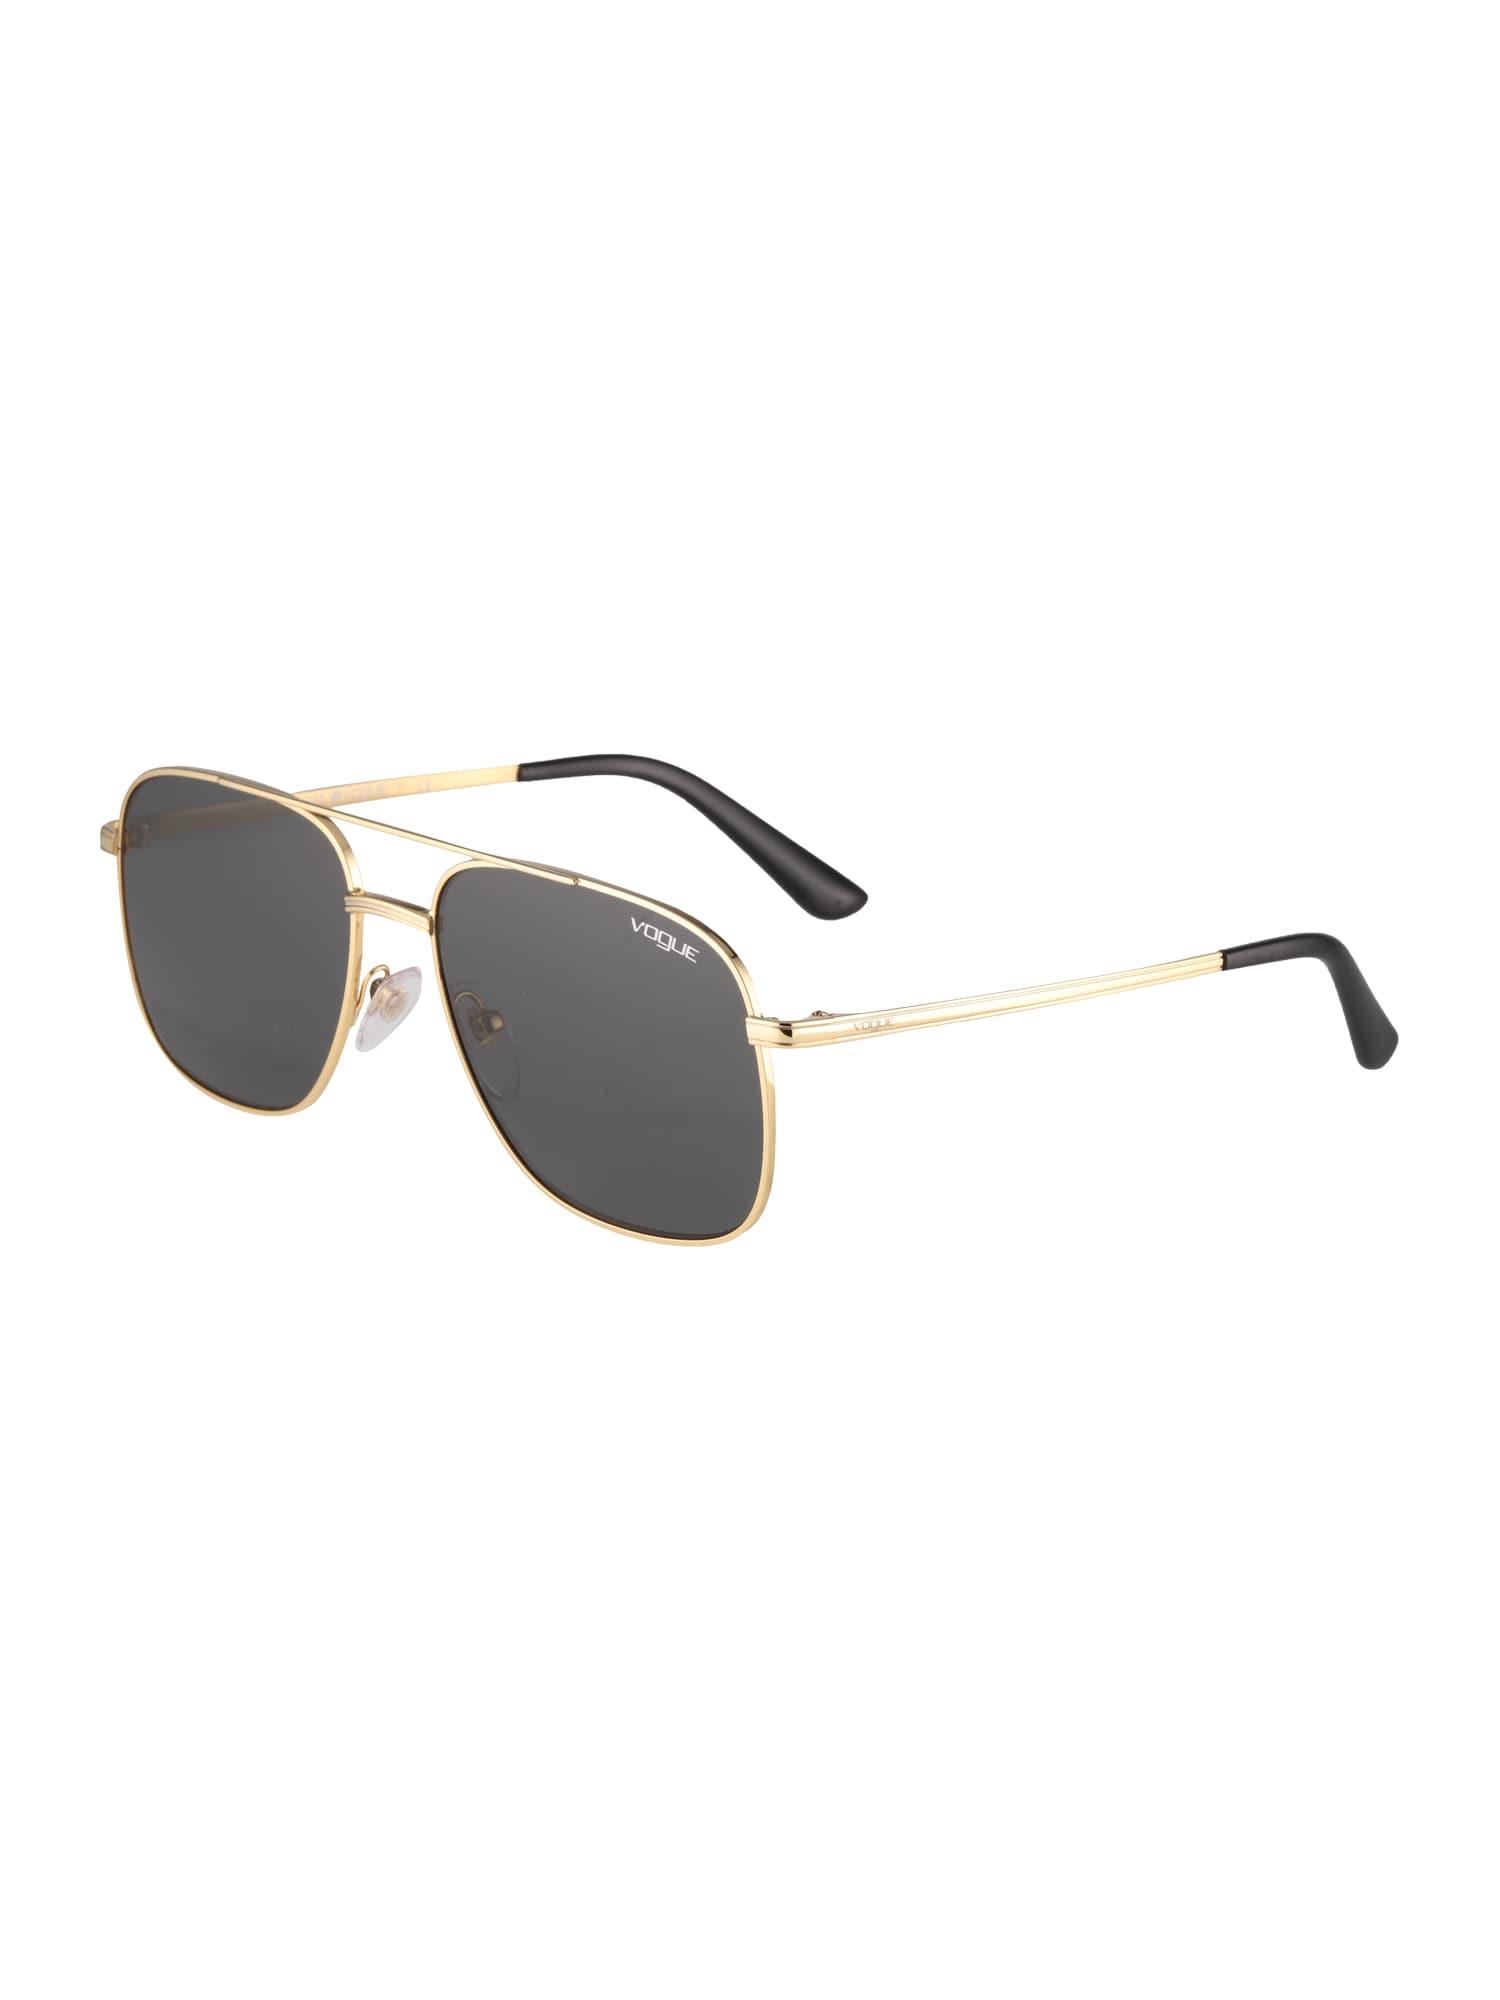 VOGUE Eyewear Akiniai nuo saulės auksas / pilka